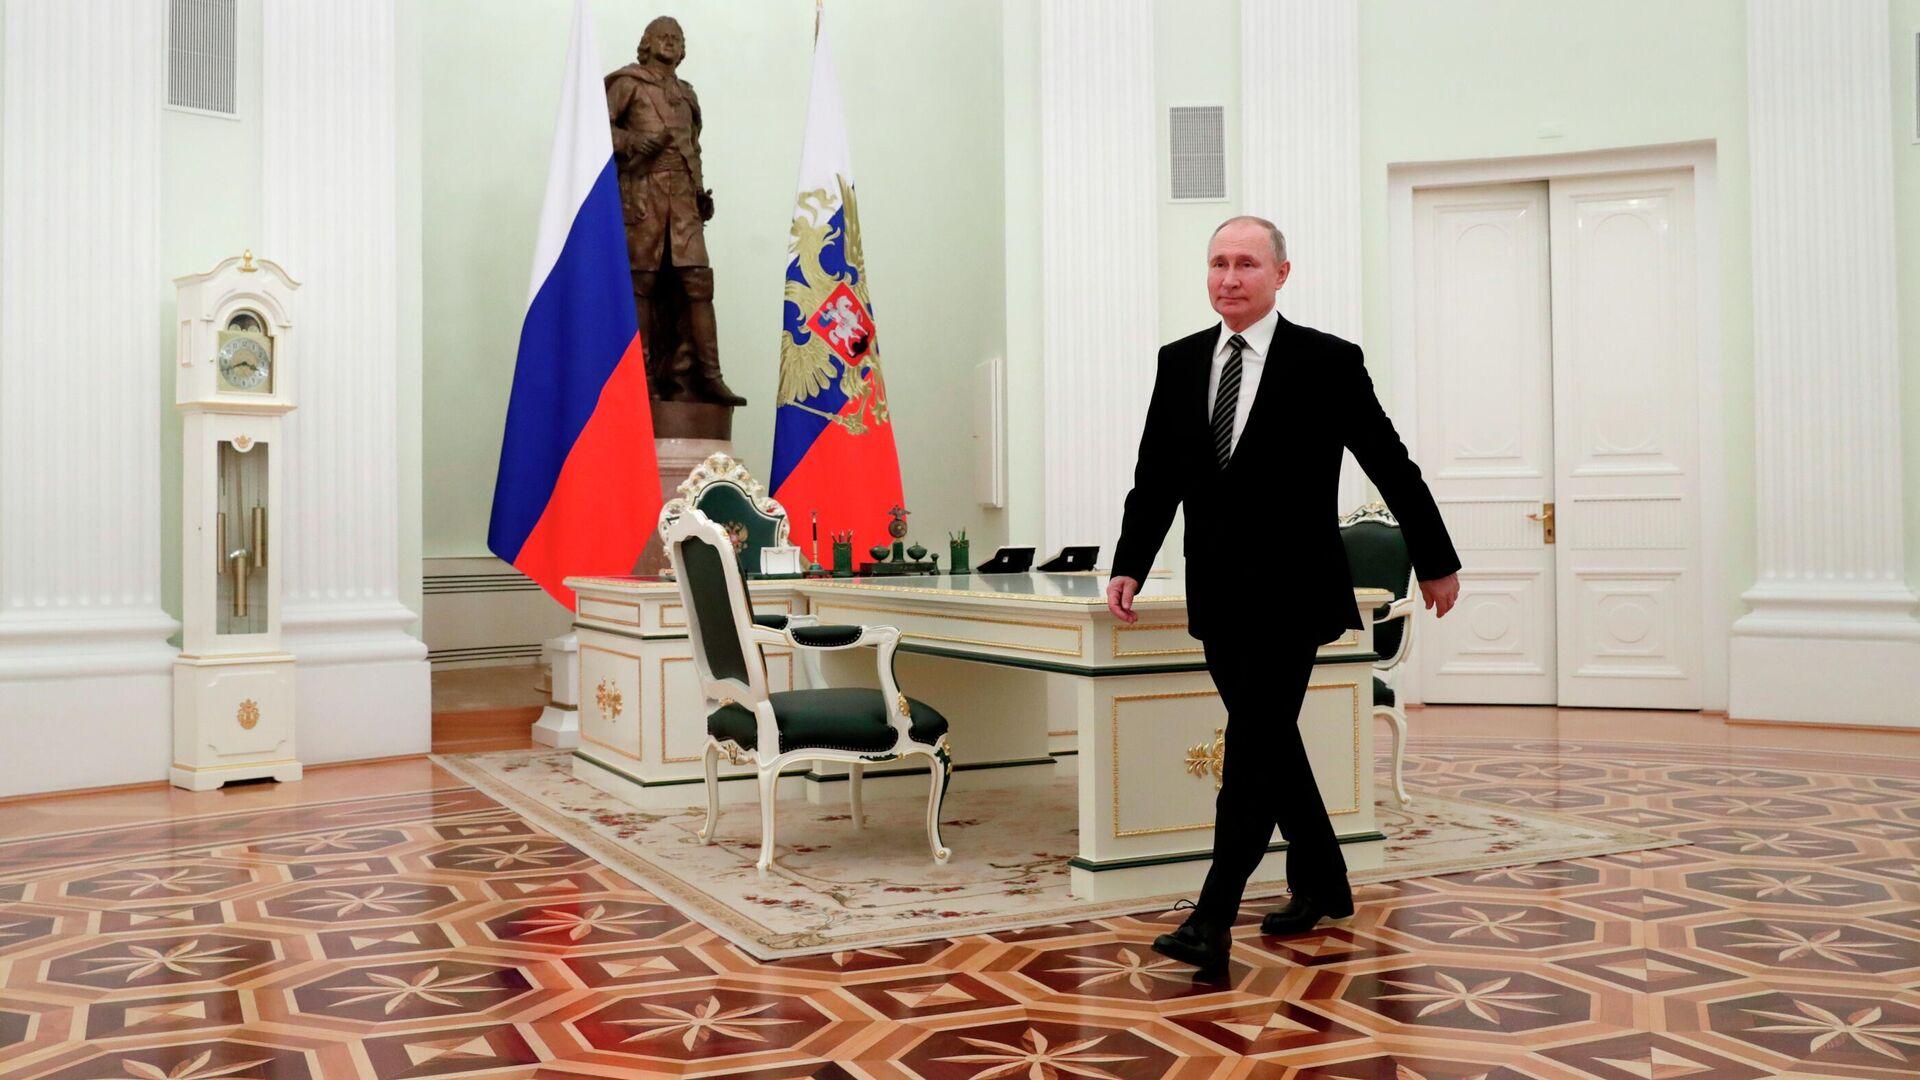 Президент РФ Владимир Путин перед началом встречи с президентом Киргизской Республики Садыром Жапаровым в Кремле - РИА Новости, 1920, 25.02.2021